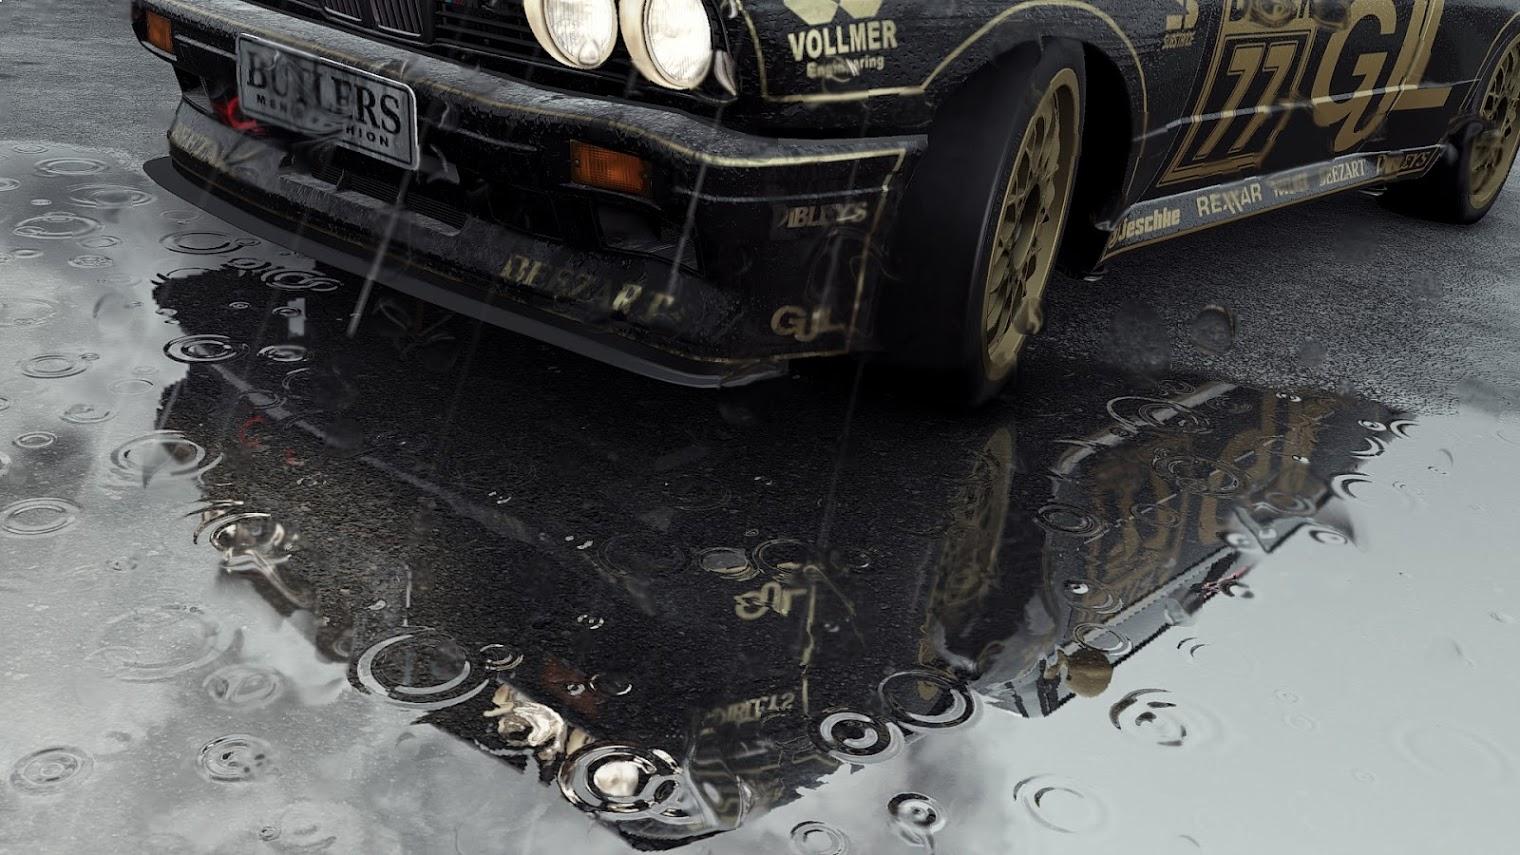 Project_Cars_Screenshots_des_verbesserten_Wettersystems__2_-pcgh